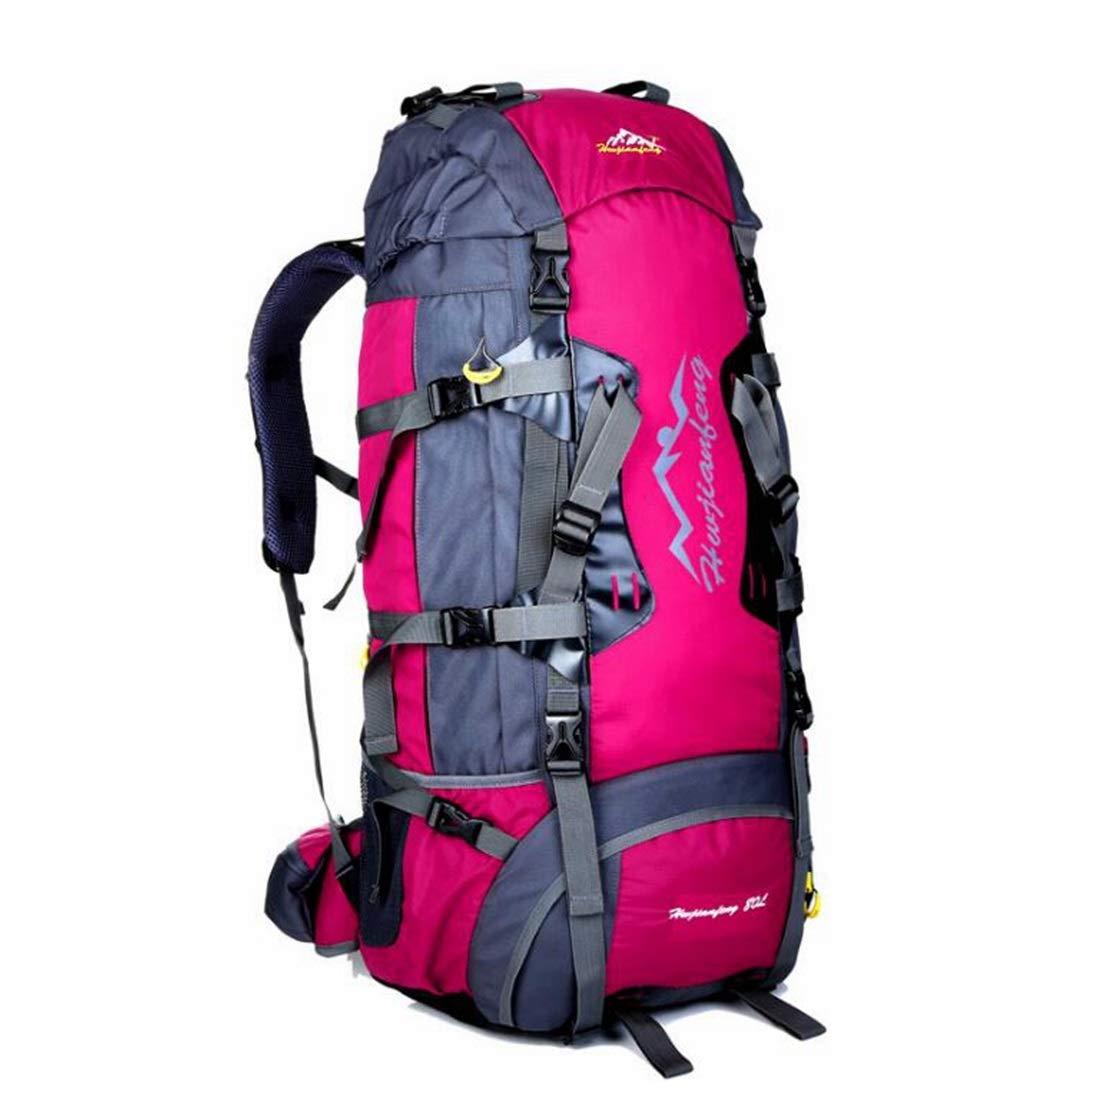 CeSuoLBD クライミングバックパックキャンプバックパック登山バックパック快適な防水ハイキング軽量 (Color : Rose)  Rose B07NP9MCKH